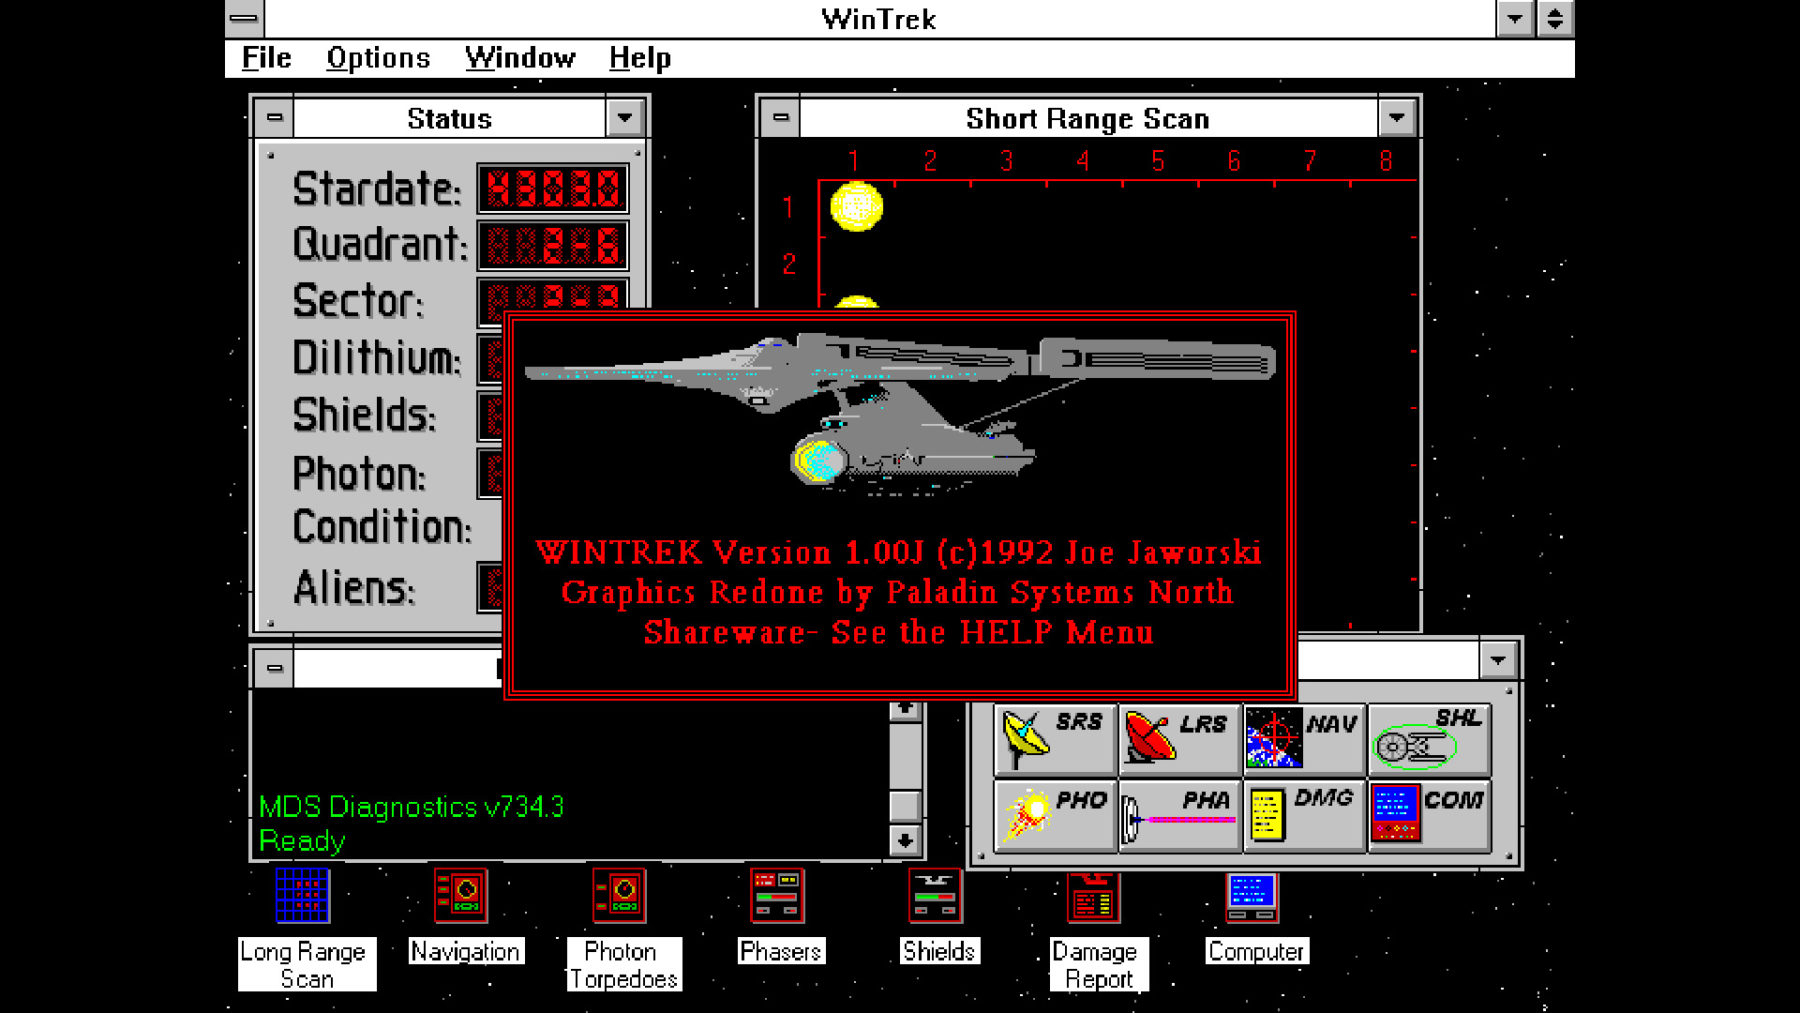 Plus De 1000 Jeux Compatibles Windows 3.1 Jouables tout Jeu De Brique Gratuit